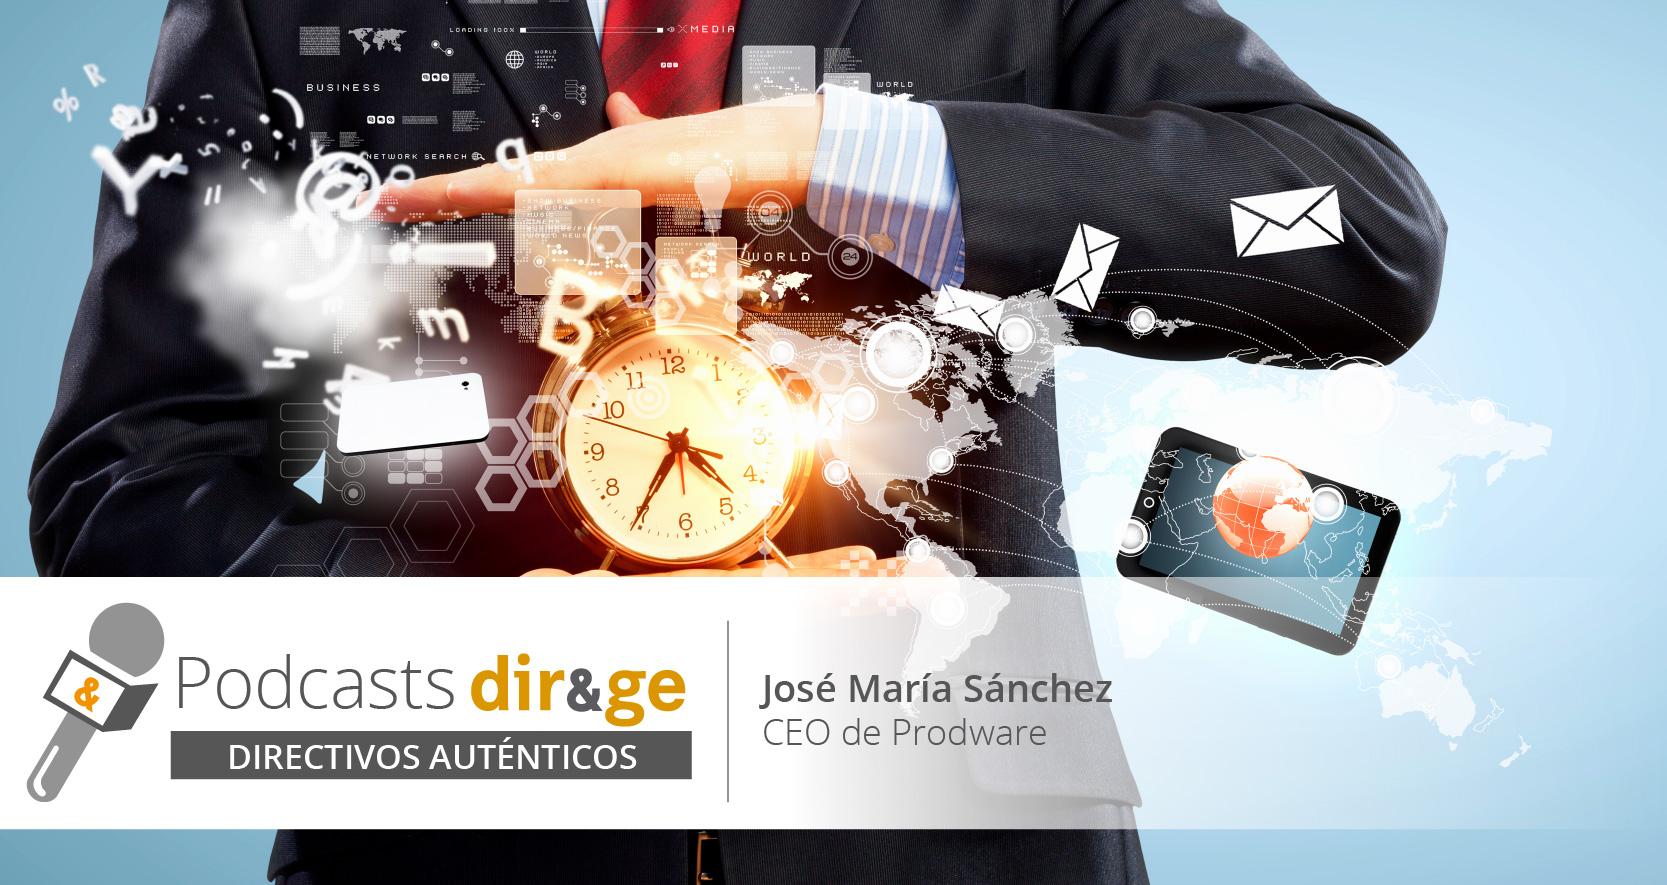 José María Sánchez de Prodware explica el valor actual de la tecnología en 'Directivos Auténticos'